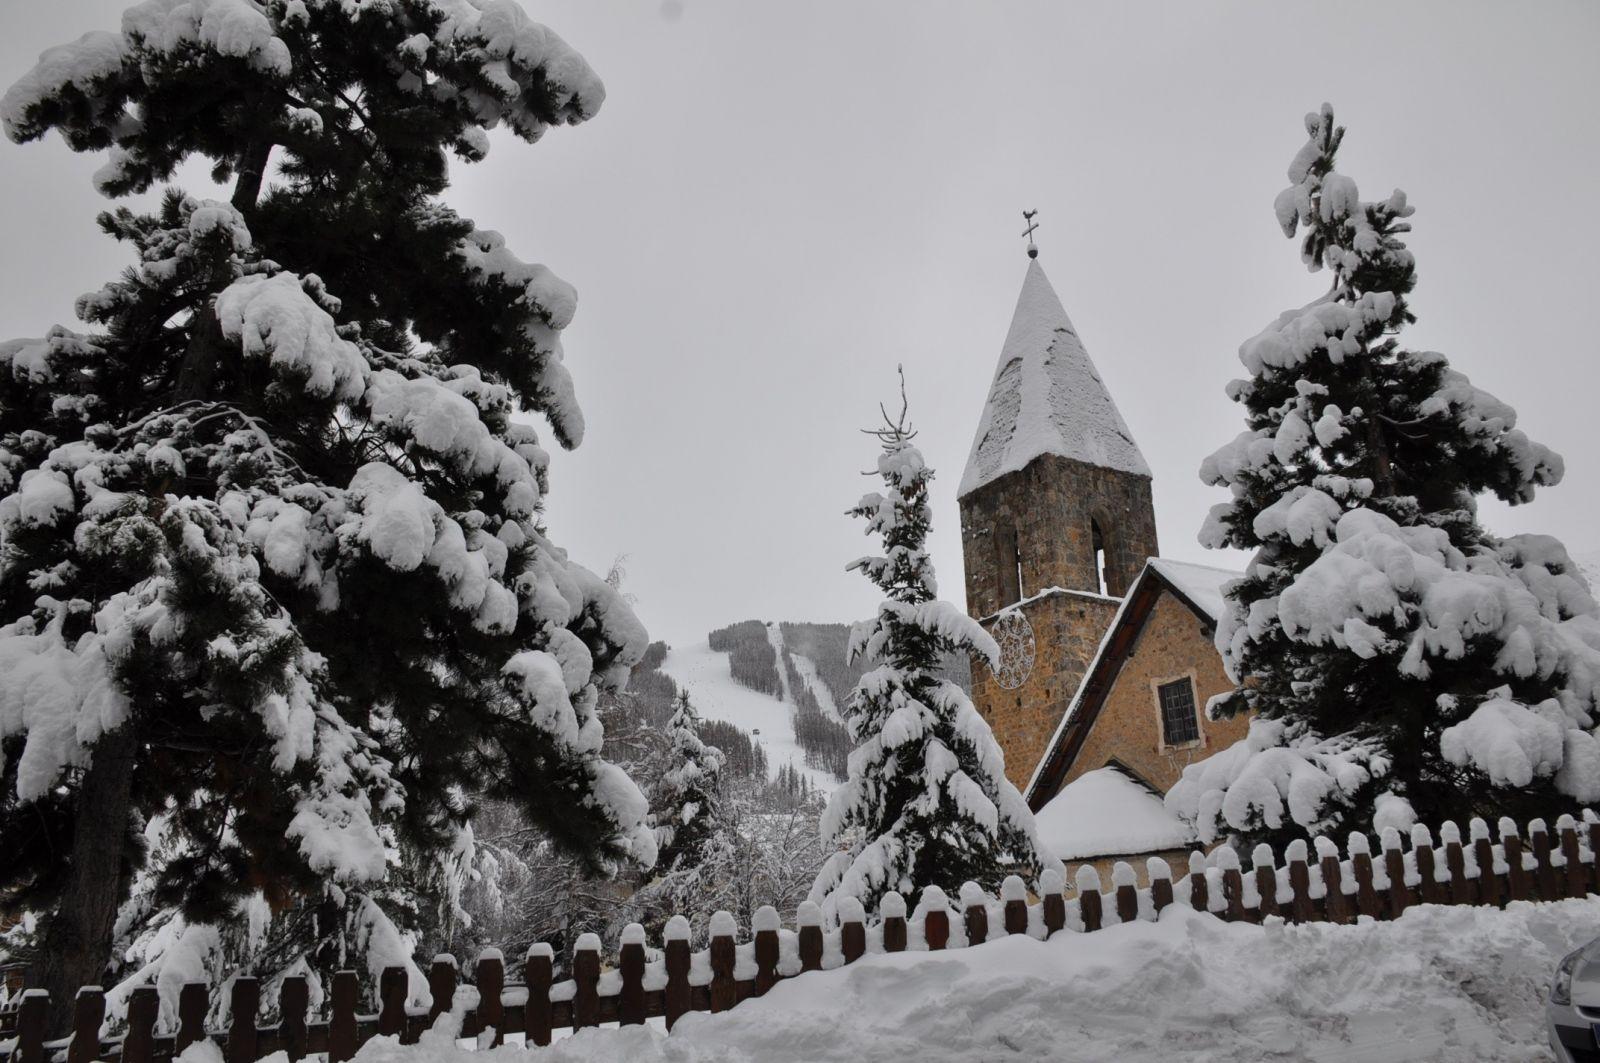 Image d'illustration pour Bulletin d'enneigement des Alpes du Sud